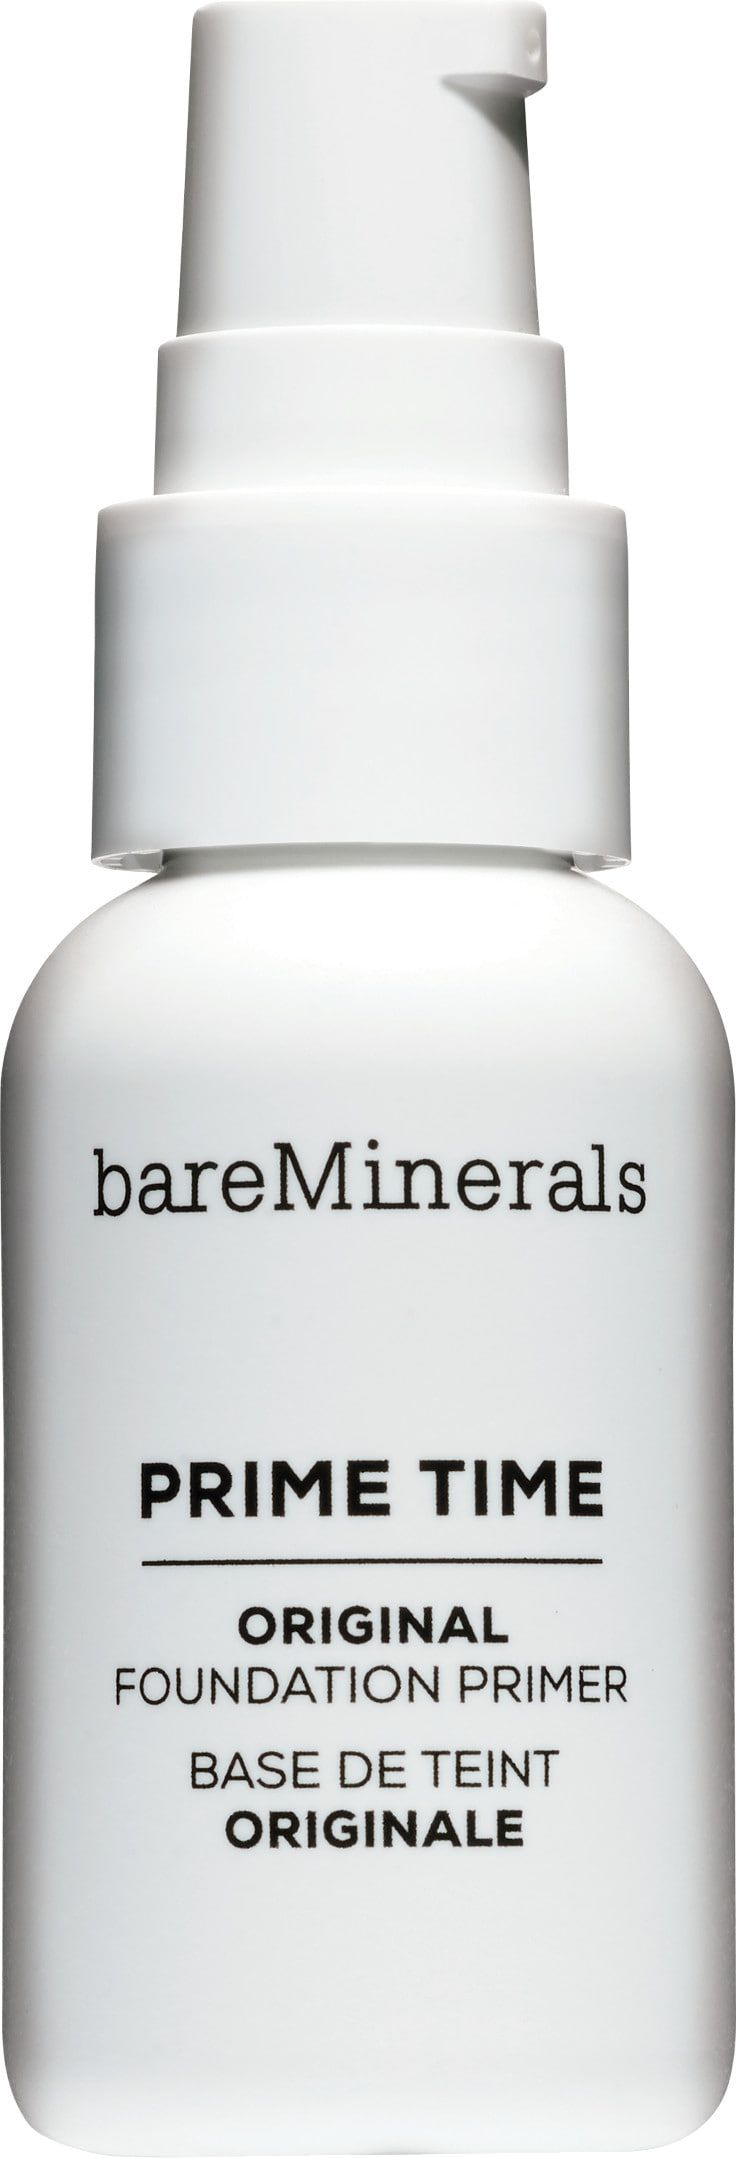 bareMinerals Prime Time - Foundation Primer